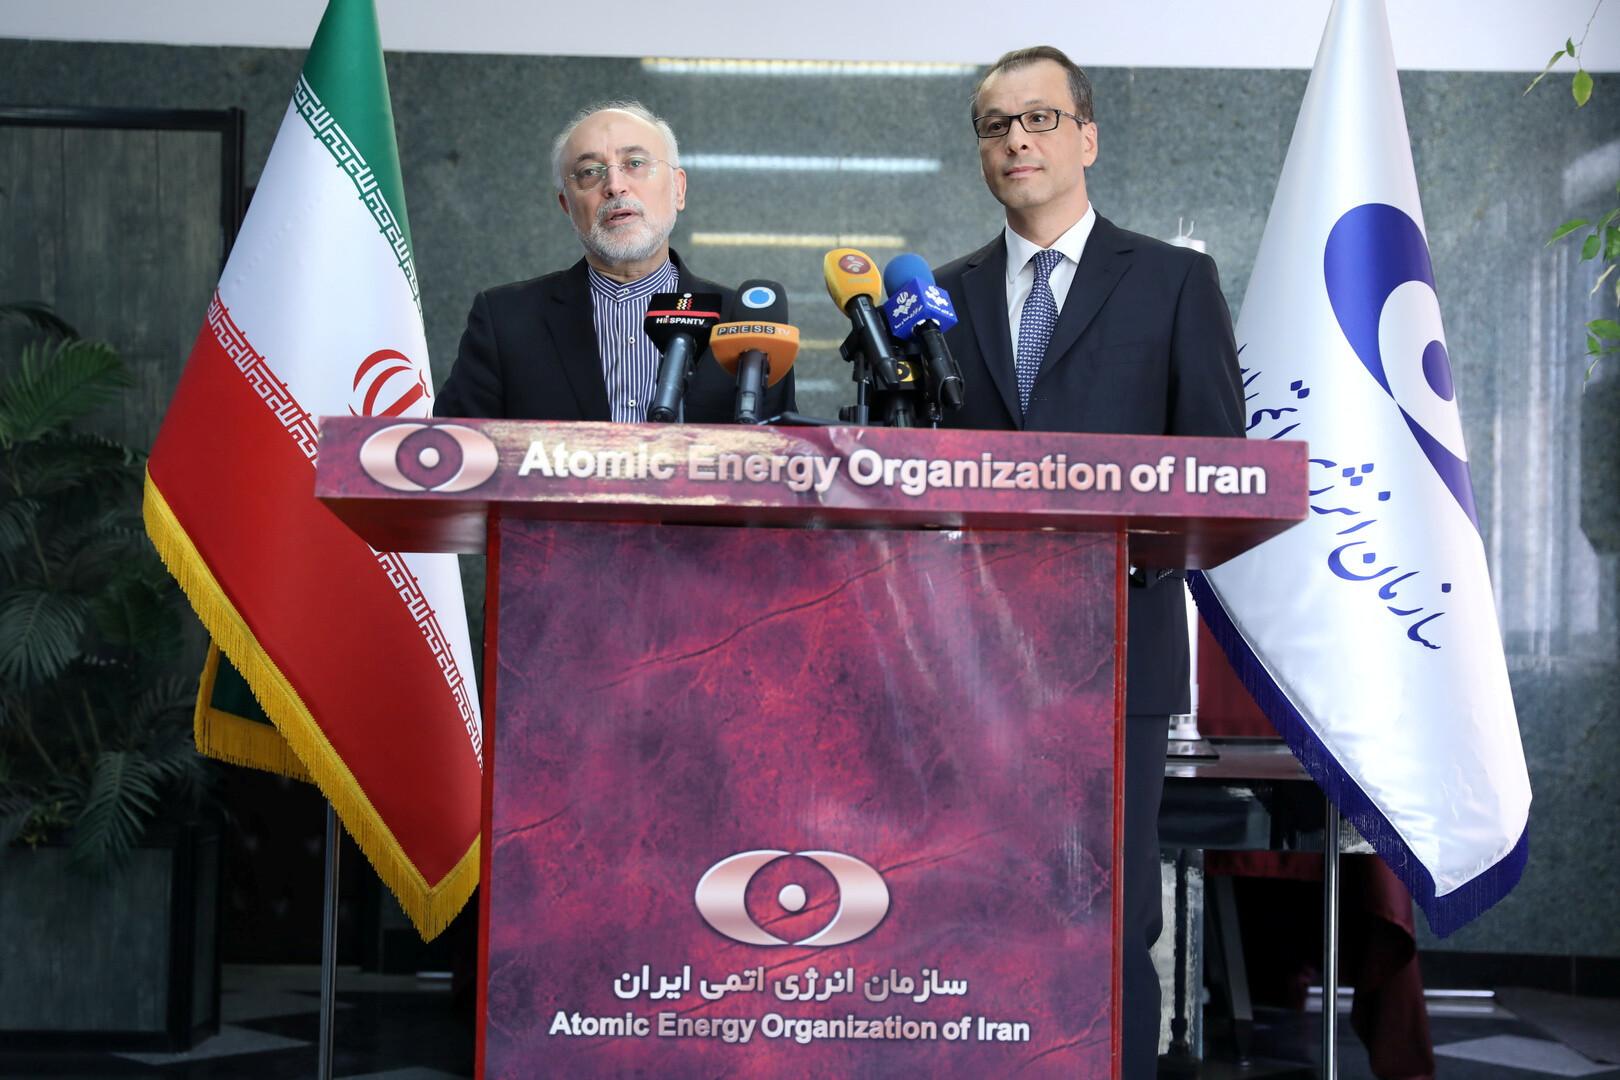 القائم بأعمال المدير العام للوكالة الدولية للطاقة الذرية، كورنيل فيروتا، في طهران